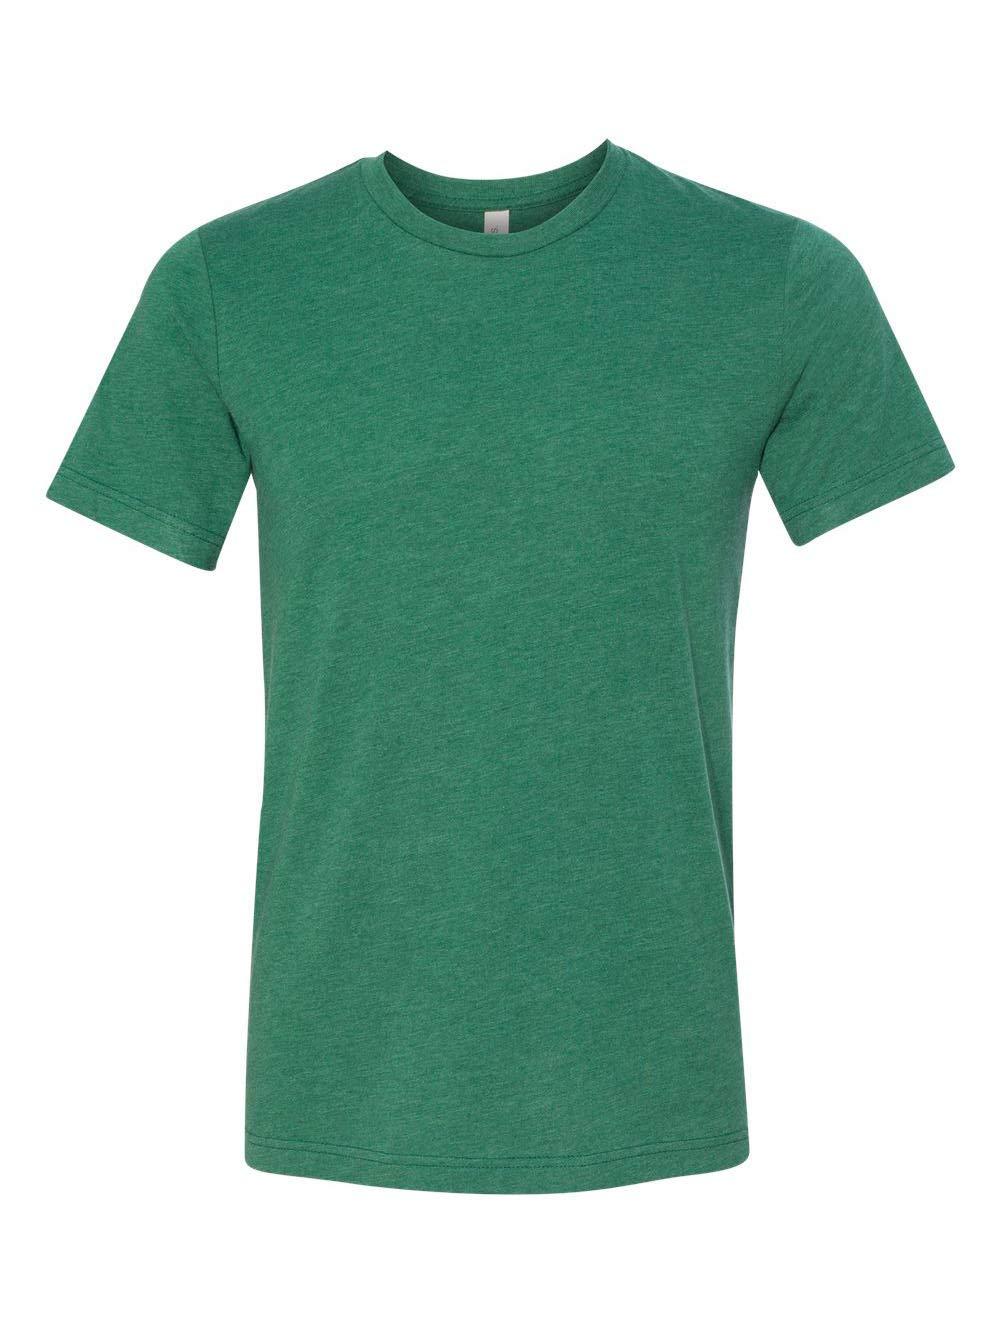 Bella Unisex Triblend Short Sleeve Tee, Grass Green Triblend, 3XL